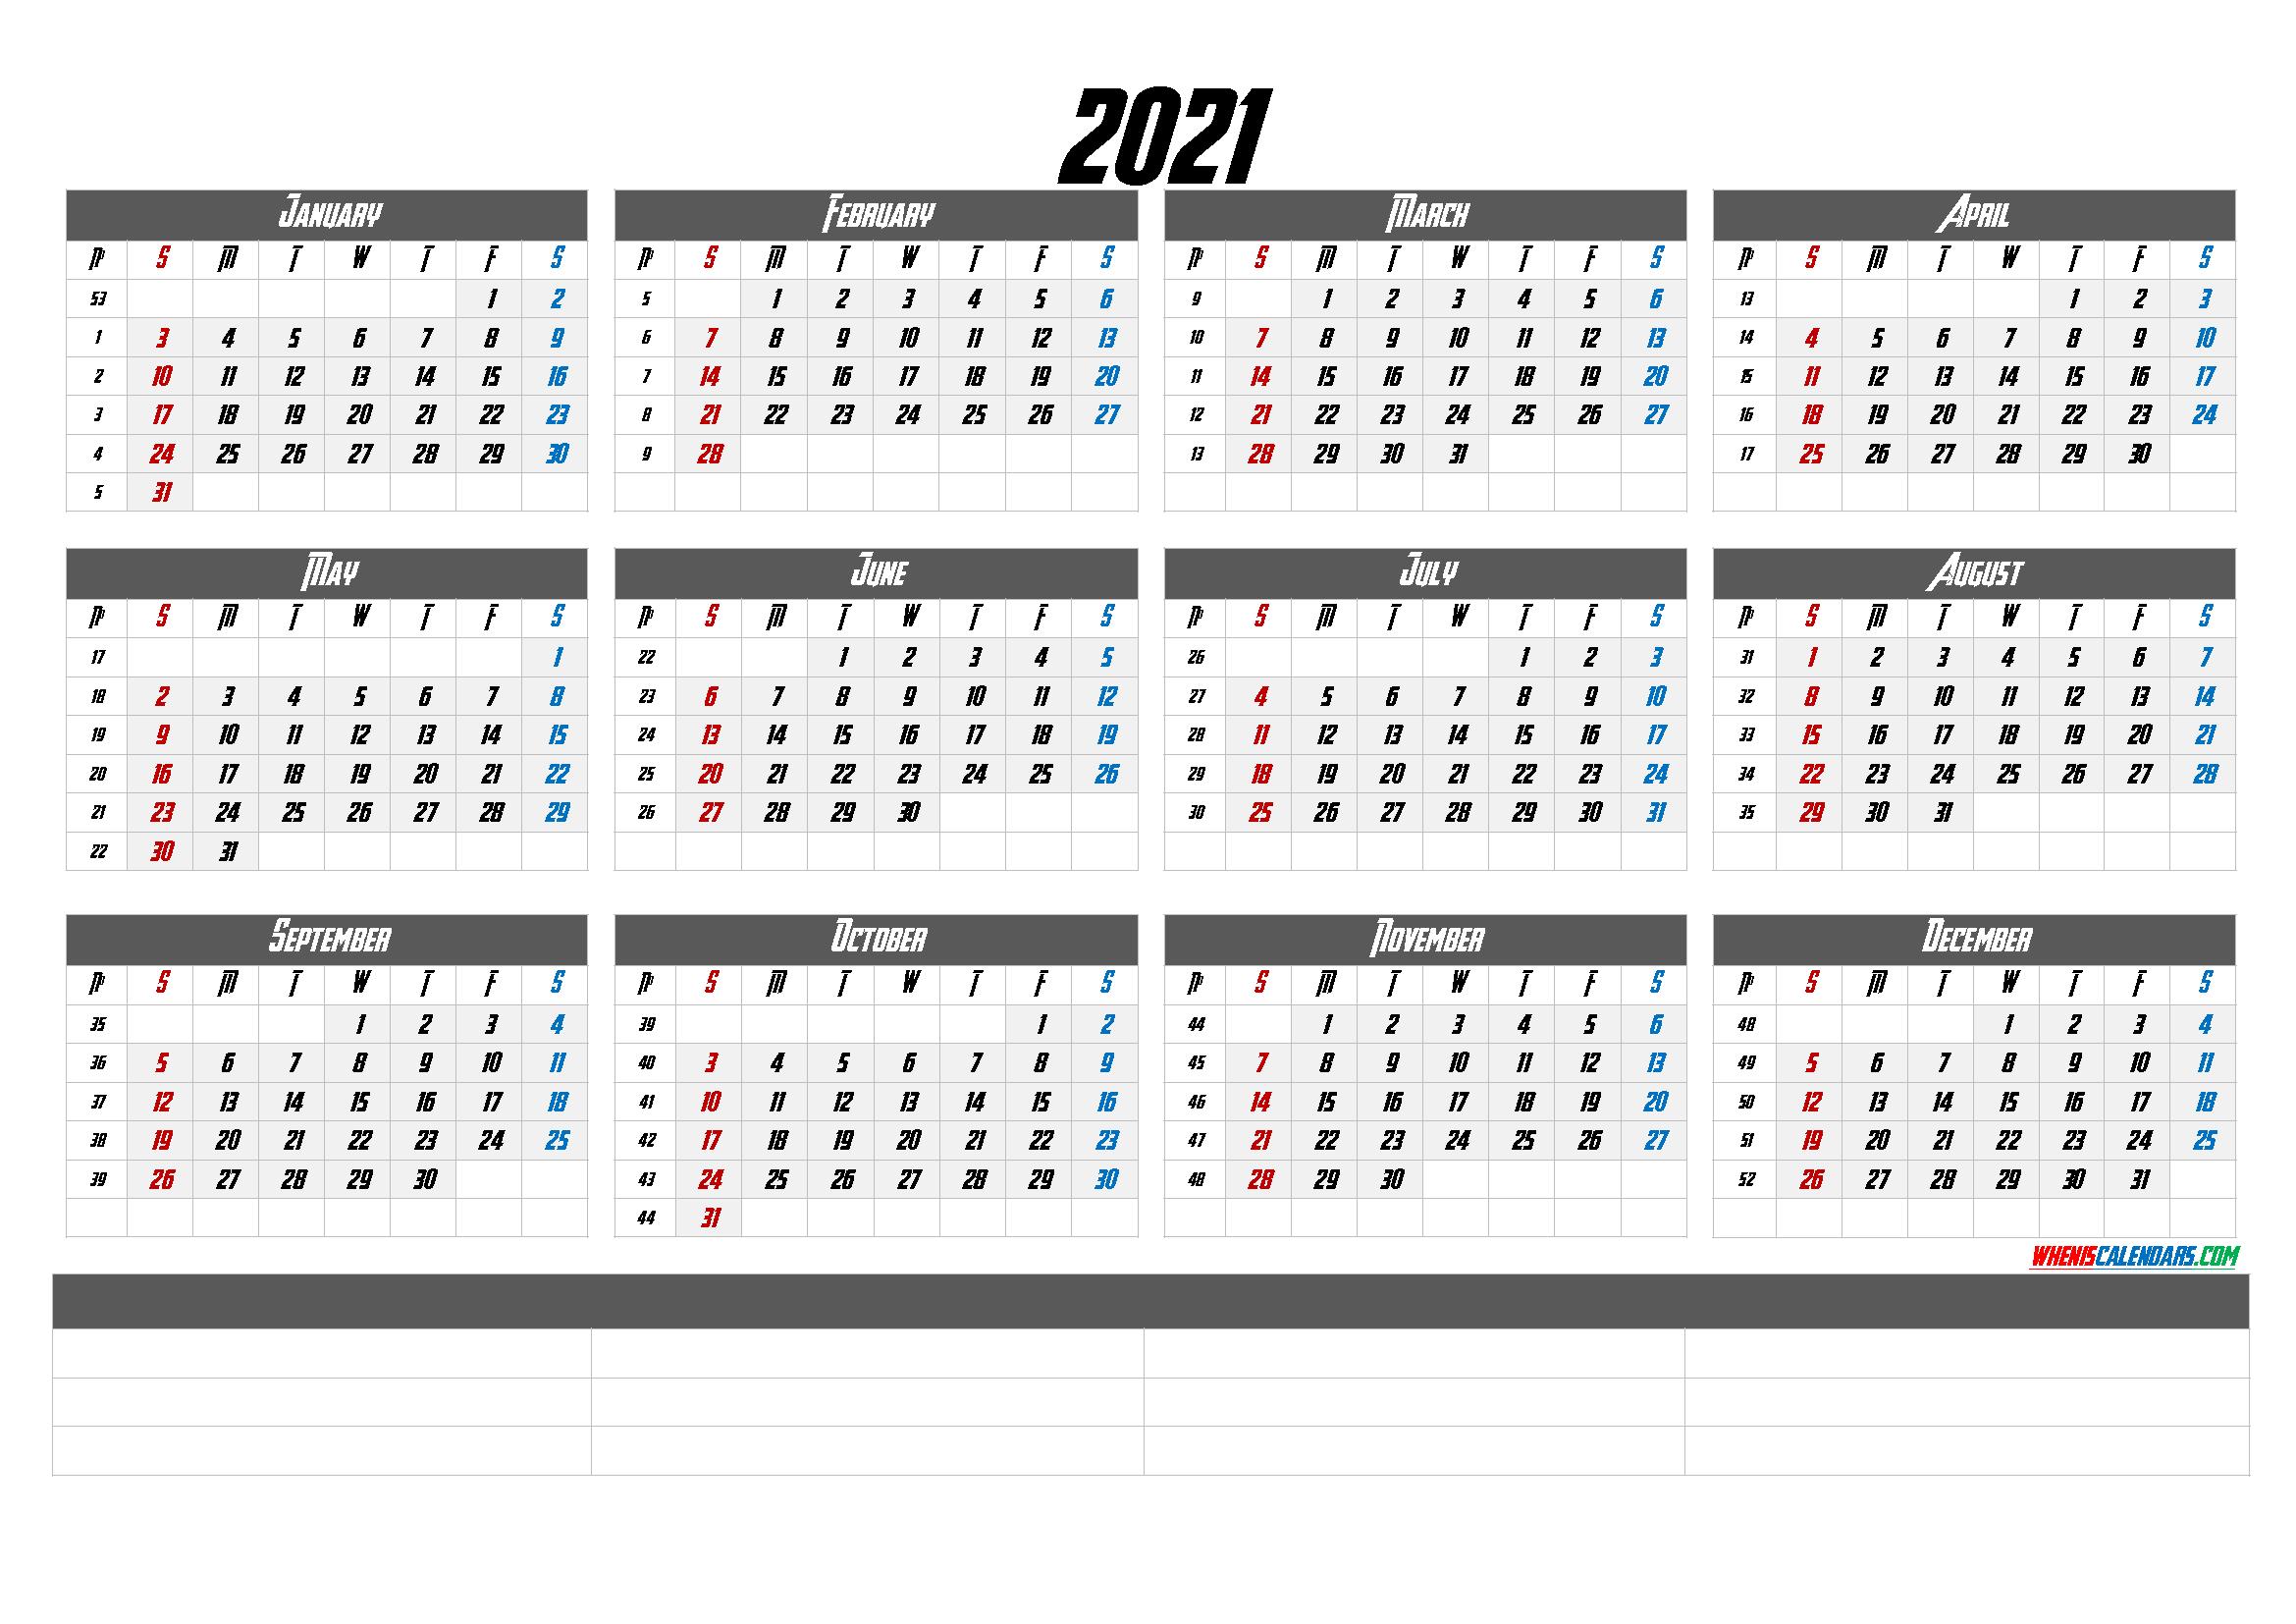 2021 Calendar With Week Numbers Printable – Calendraex